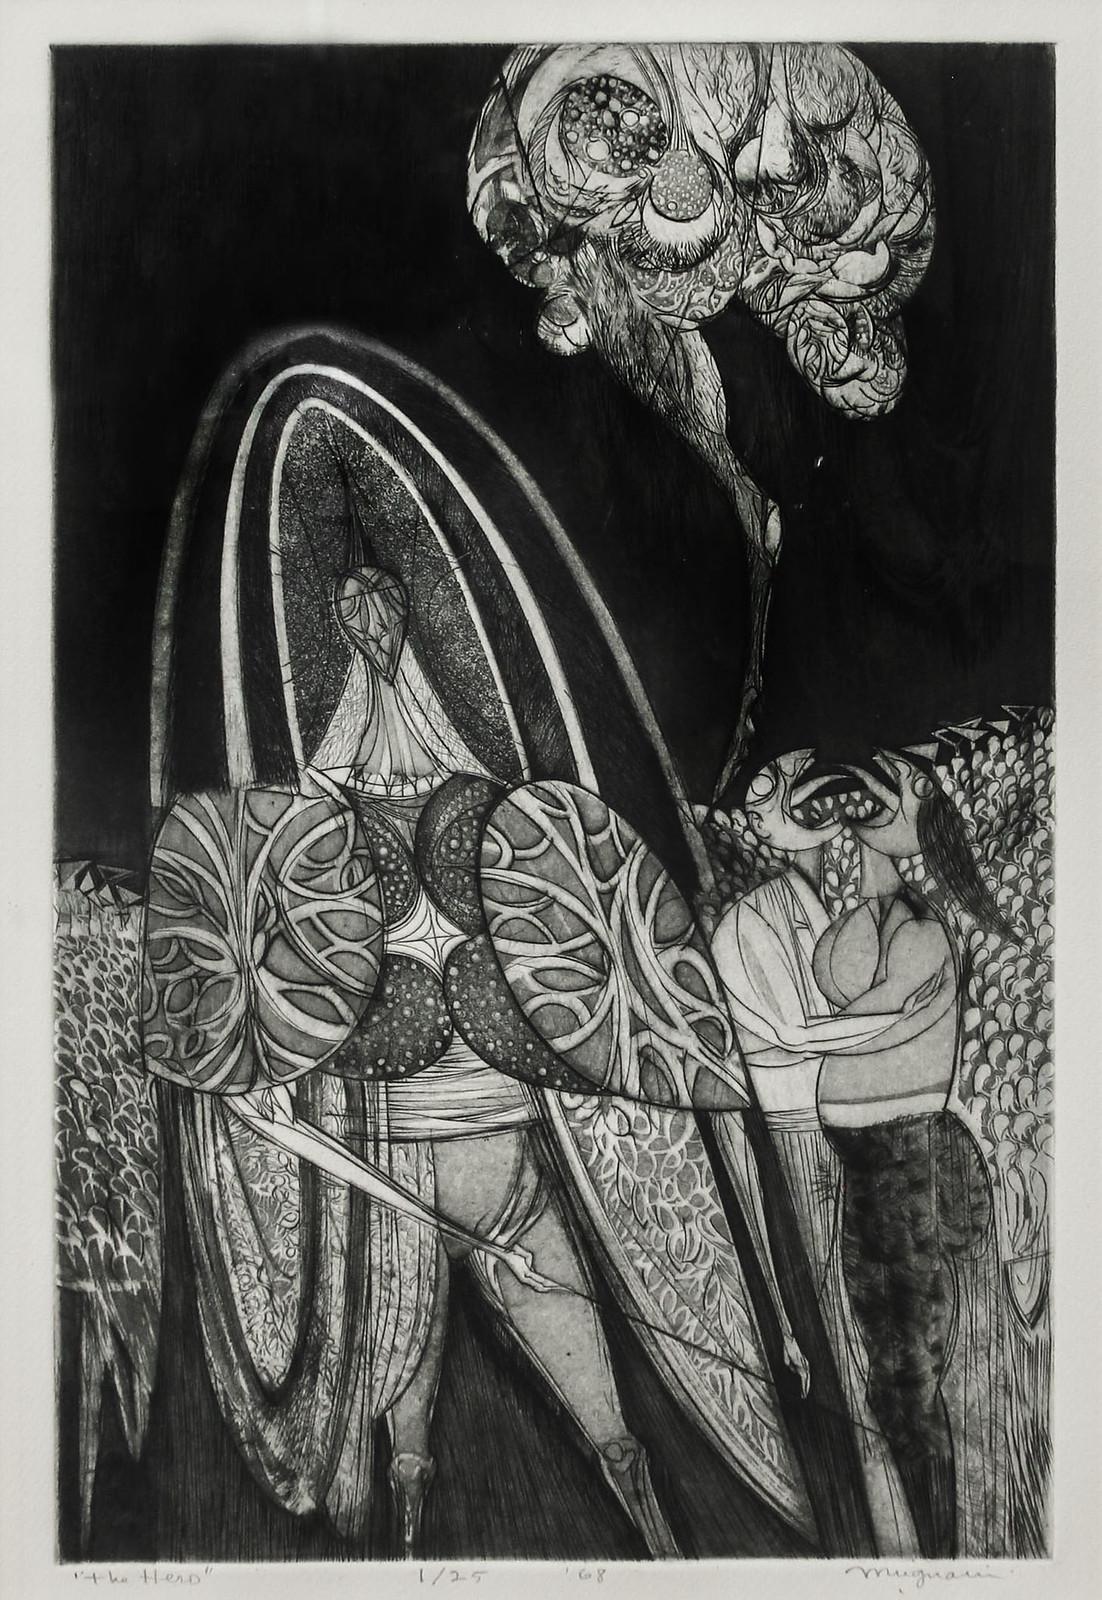 Joseph Mugnaini - The Hero, 1968